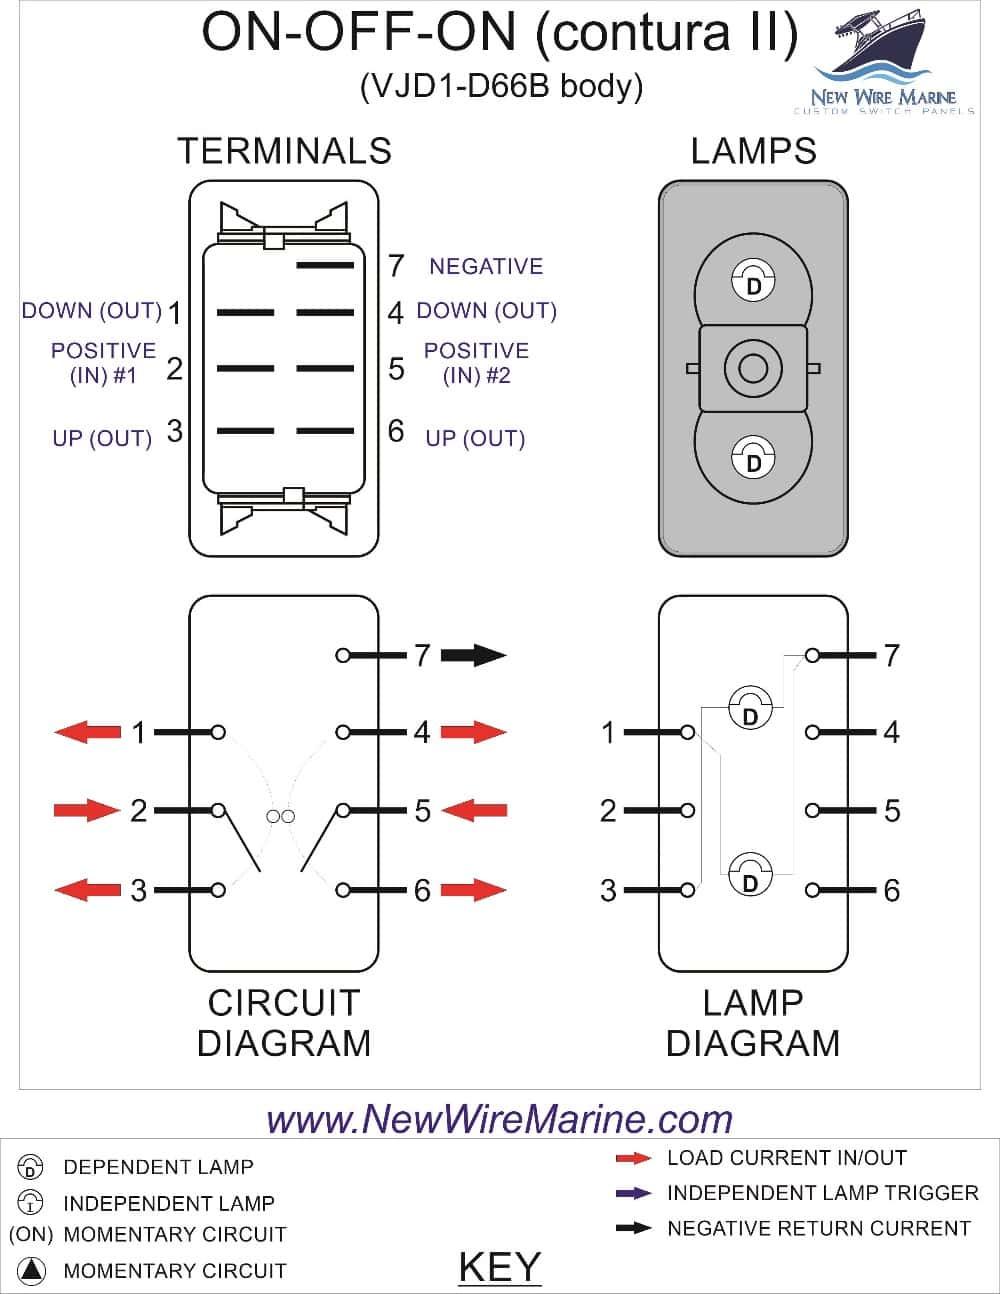 Rocker Switch Diagram - Wiring Diagram Name - 5 Pin Rocker Switch Wiring Diagram